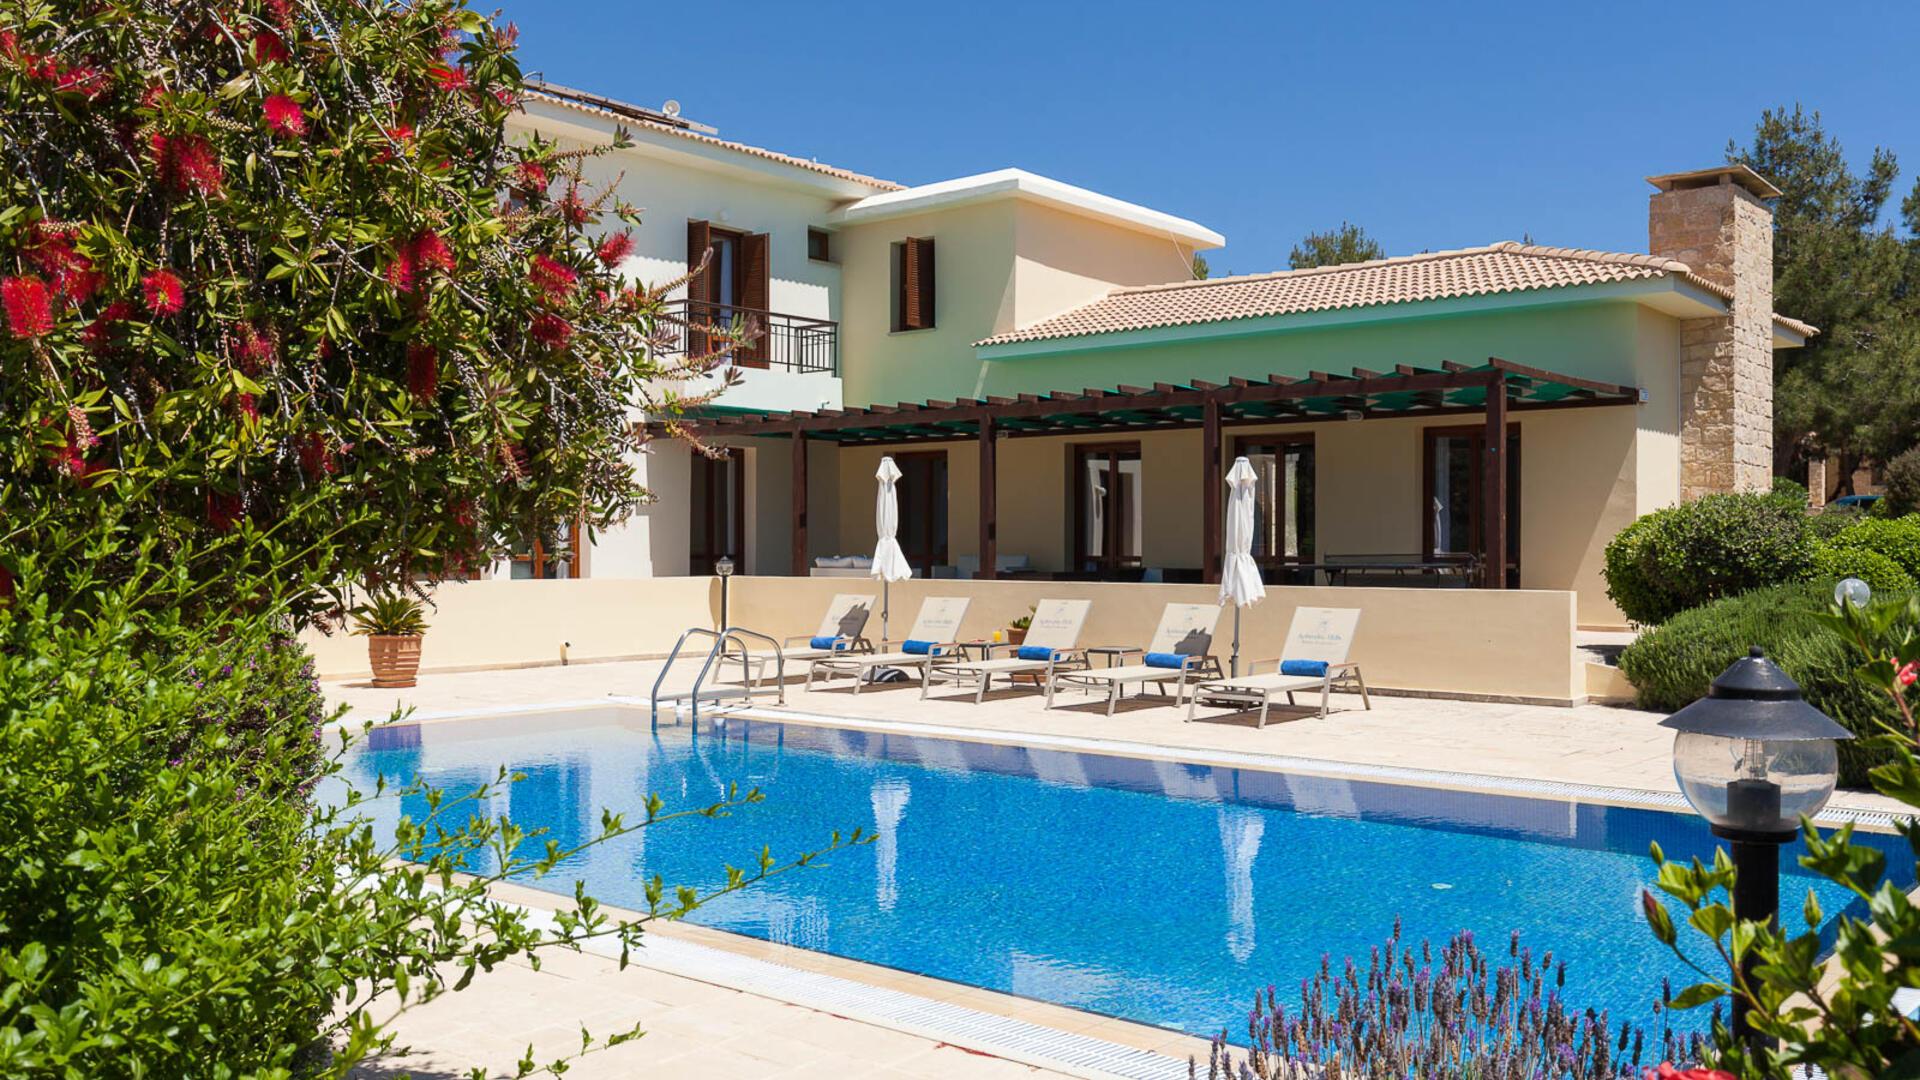 5 Bedroom Villa in  Cyprus